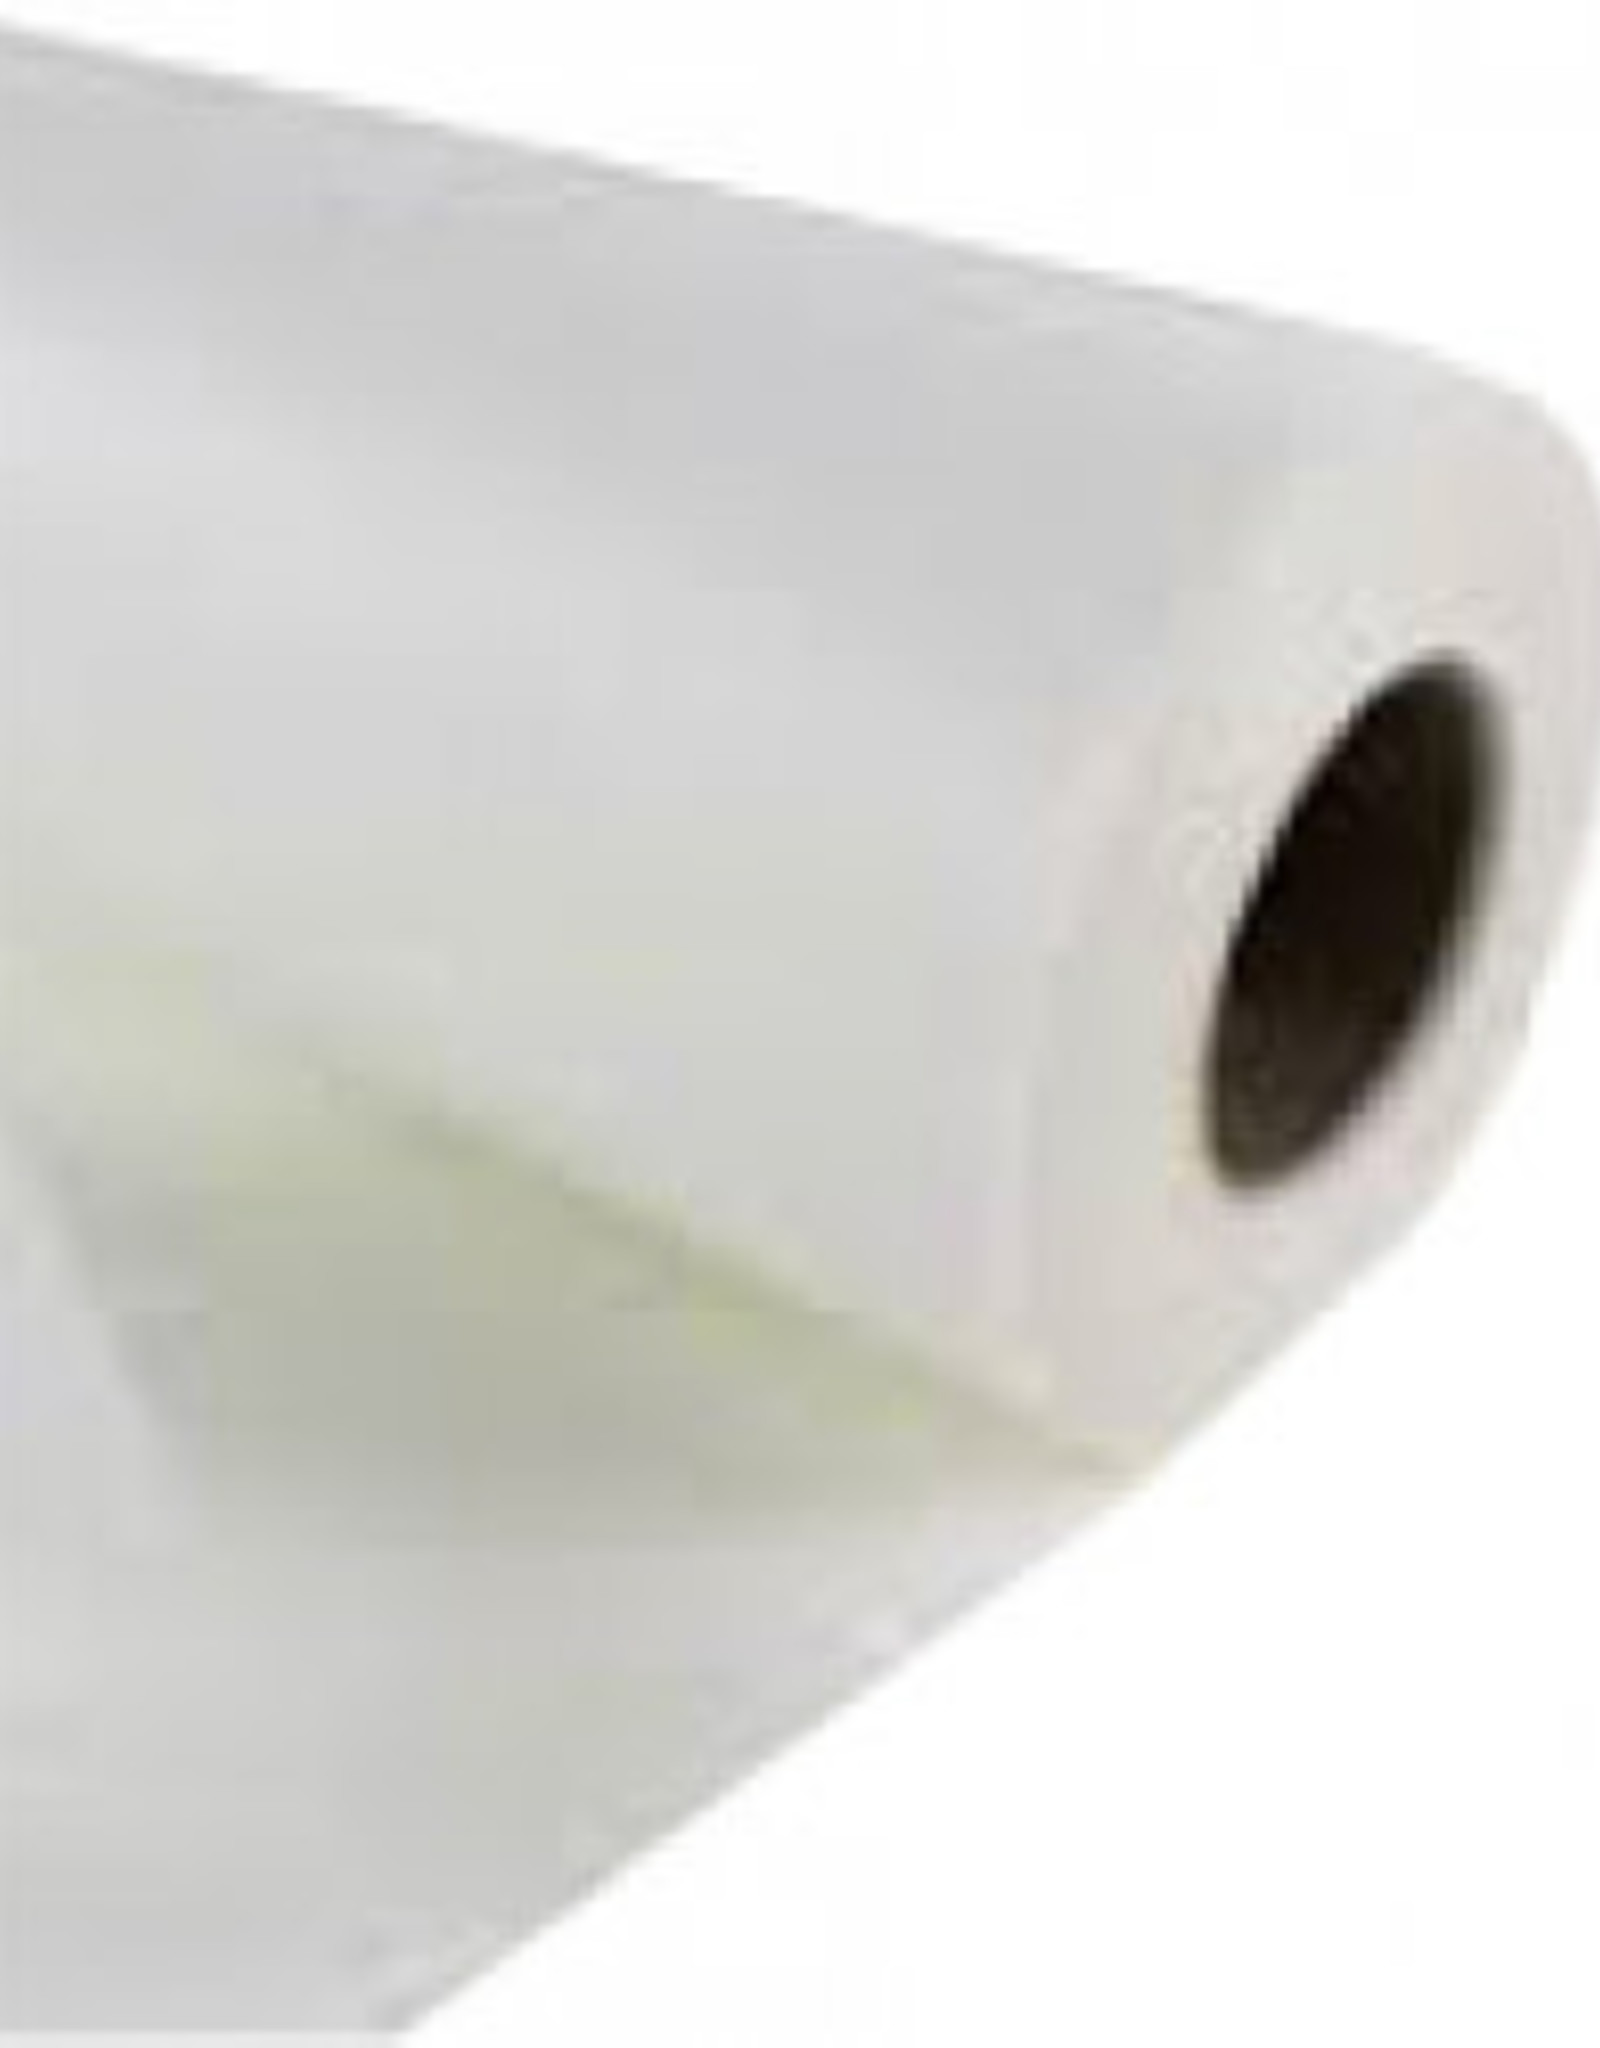 Plakvlies voorverpakt - 1m - Wit